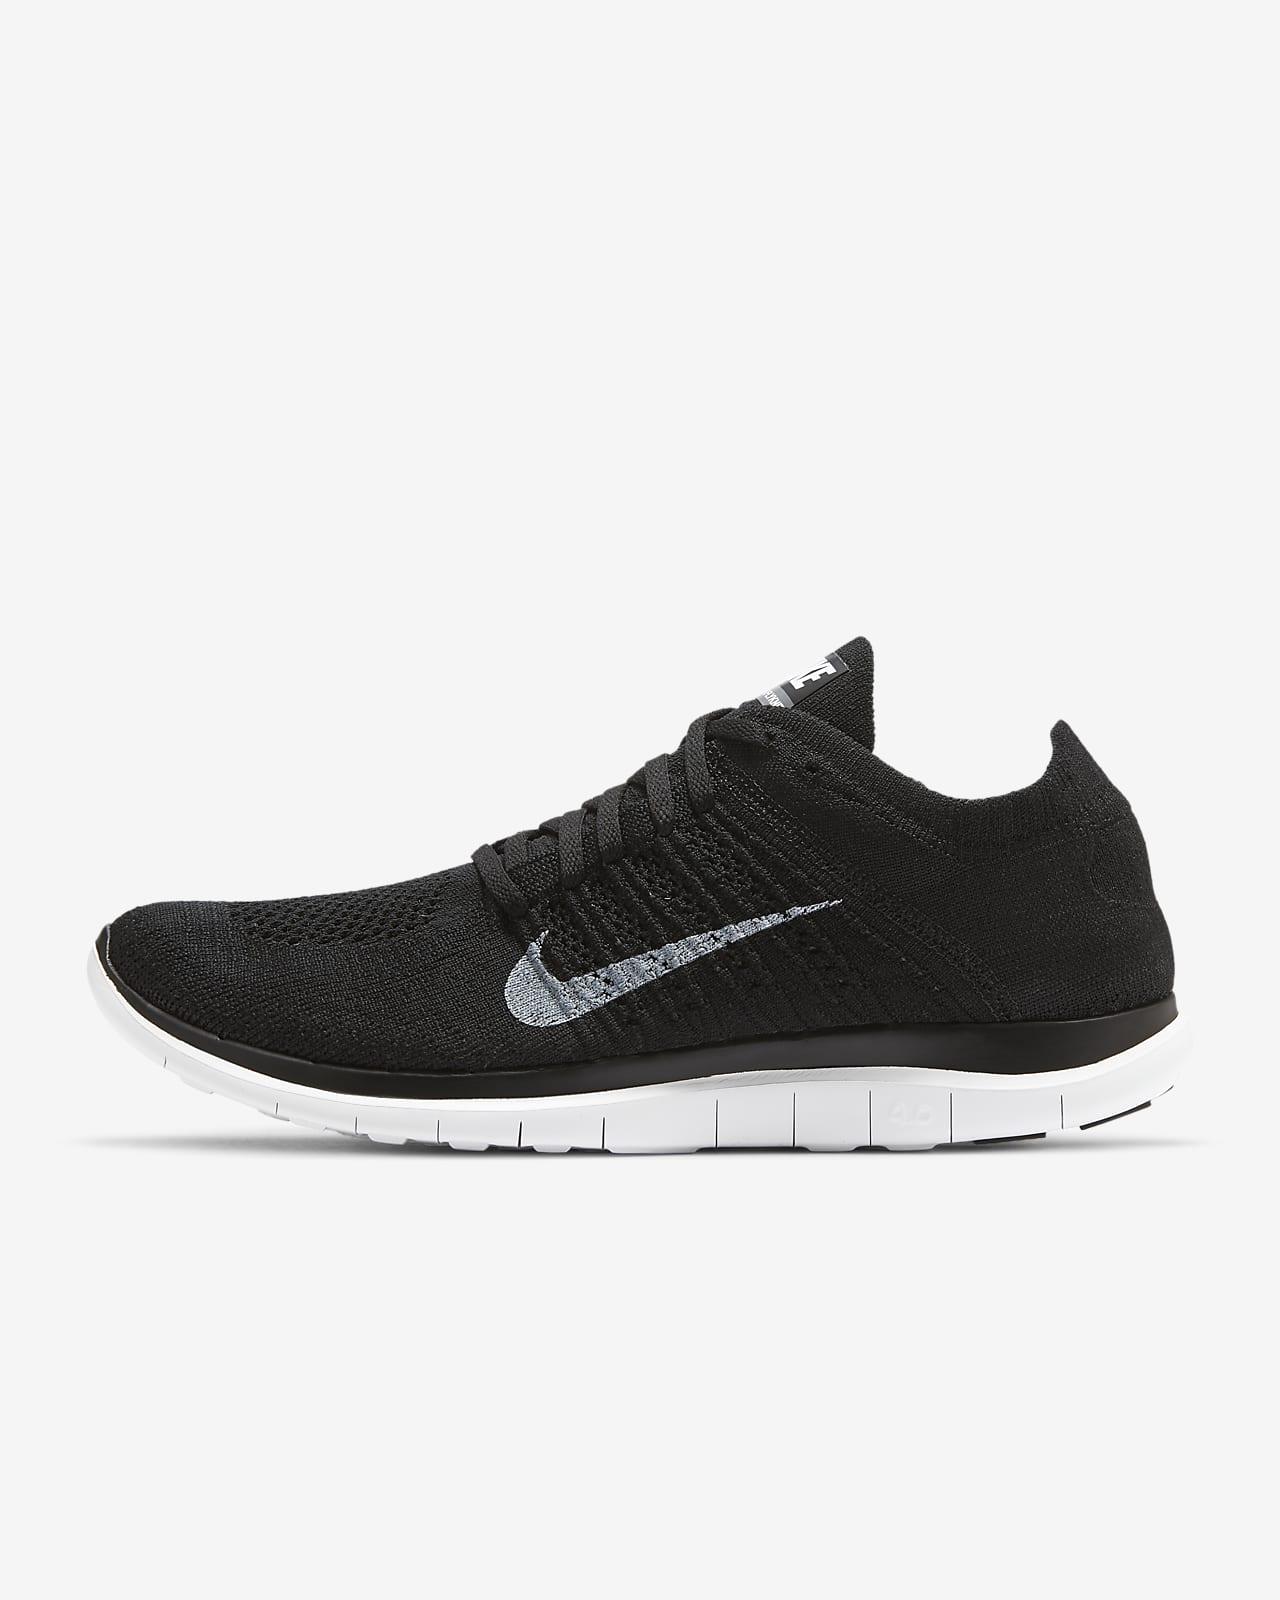 Nike Free 4.0 Flyknit 男子跑步鞋